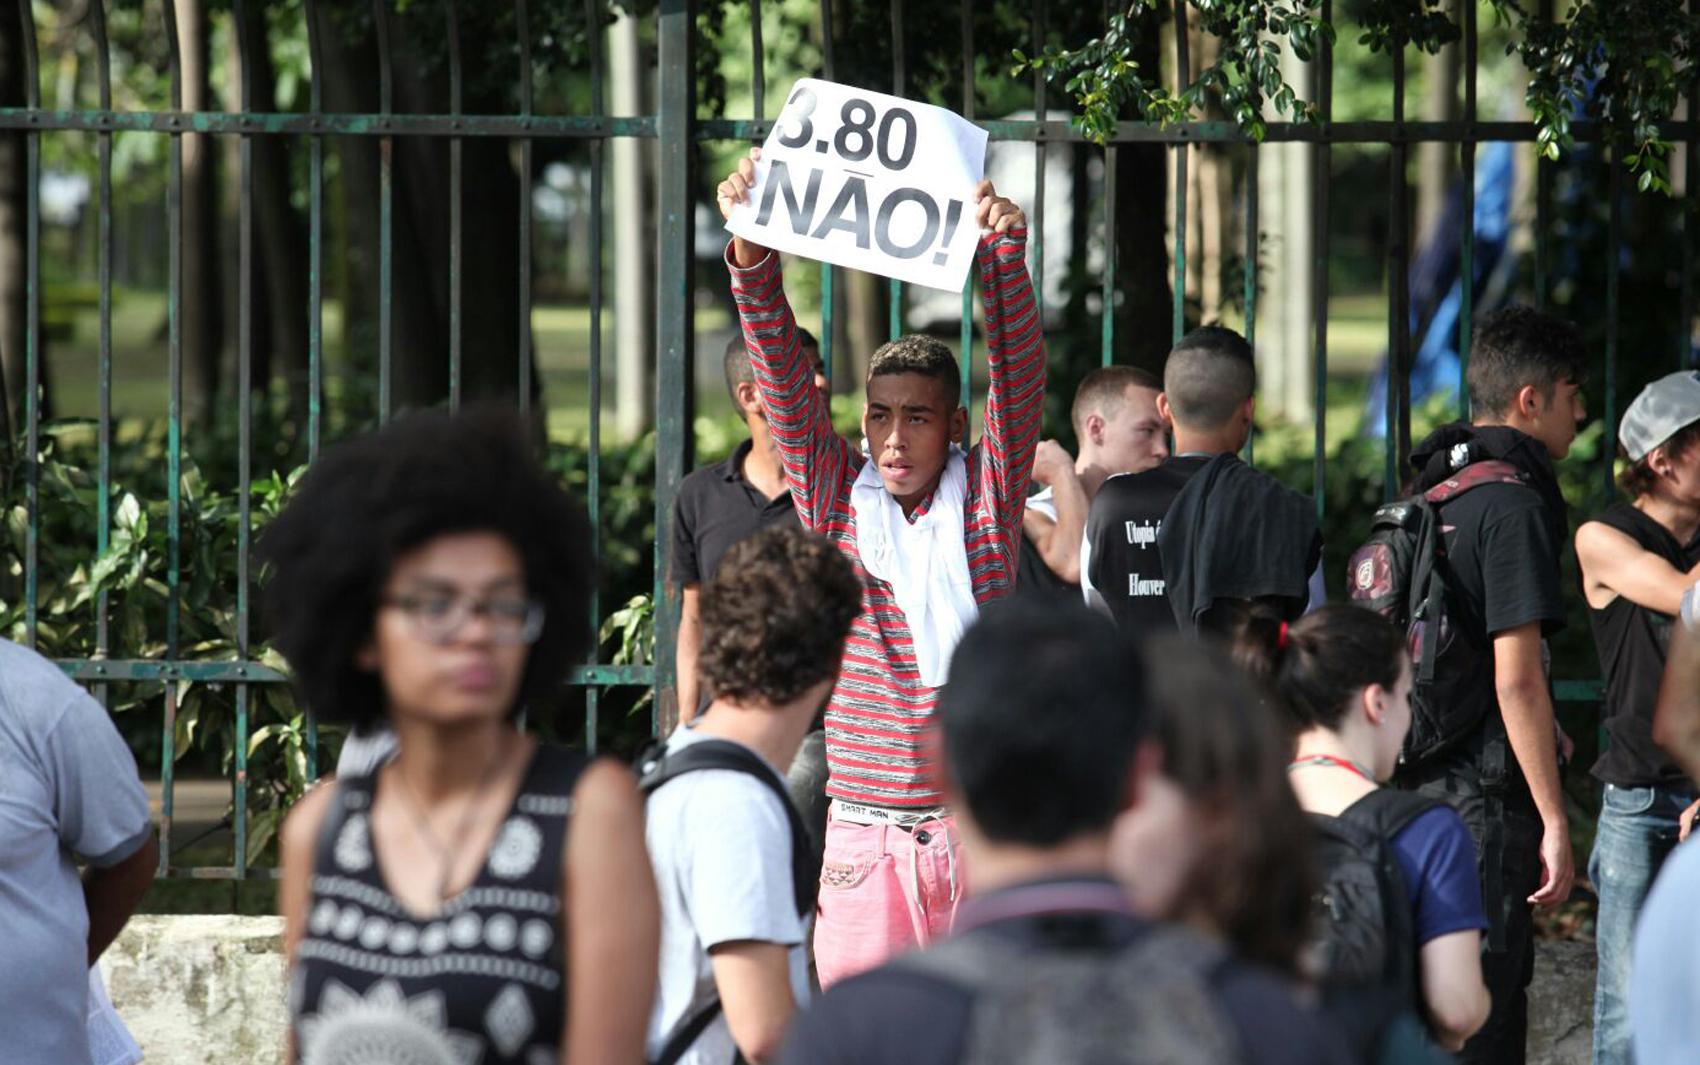 Manifestantes se concentram na Estação da Luz, nesta terça-feira (26), para protestar contra o aumento da tarifa do transporte público